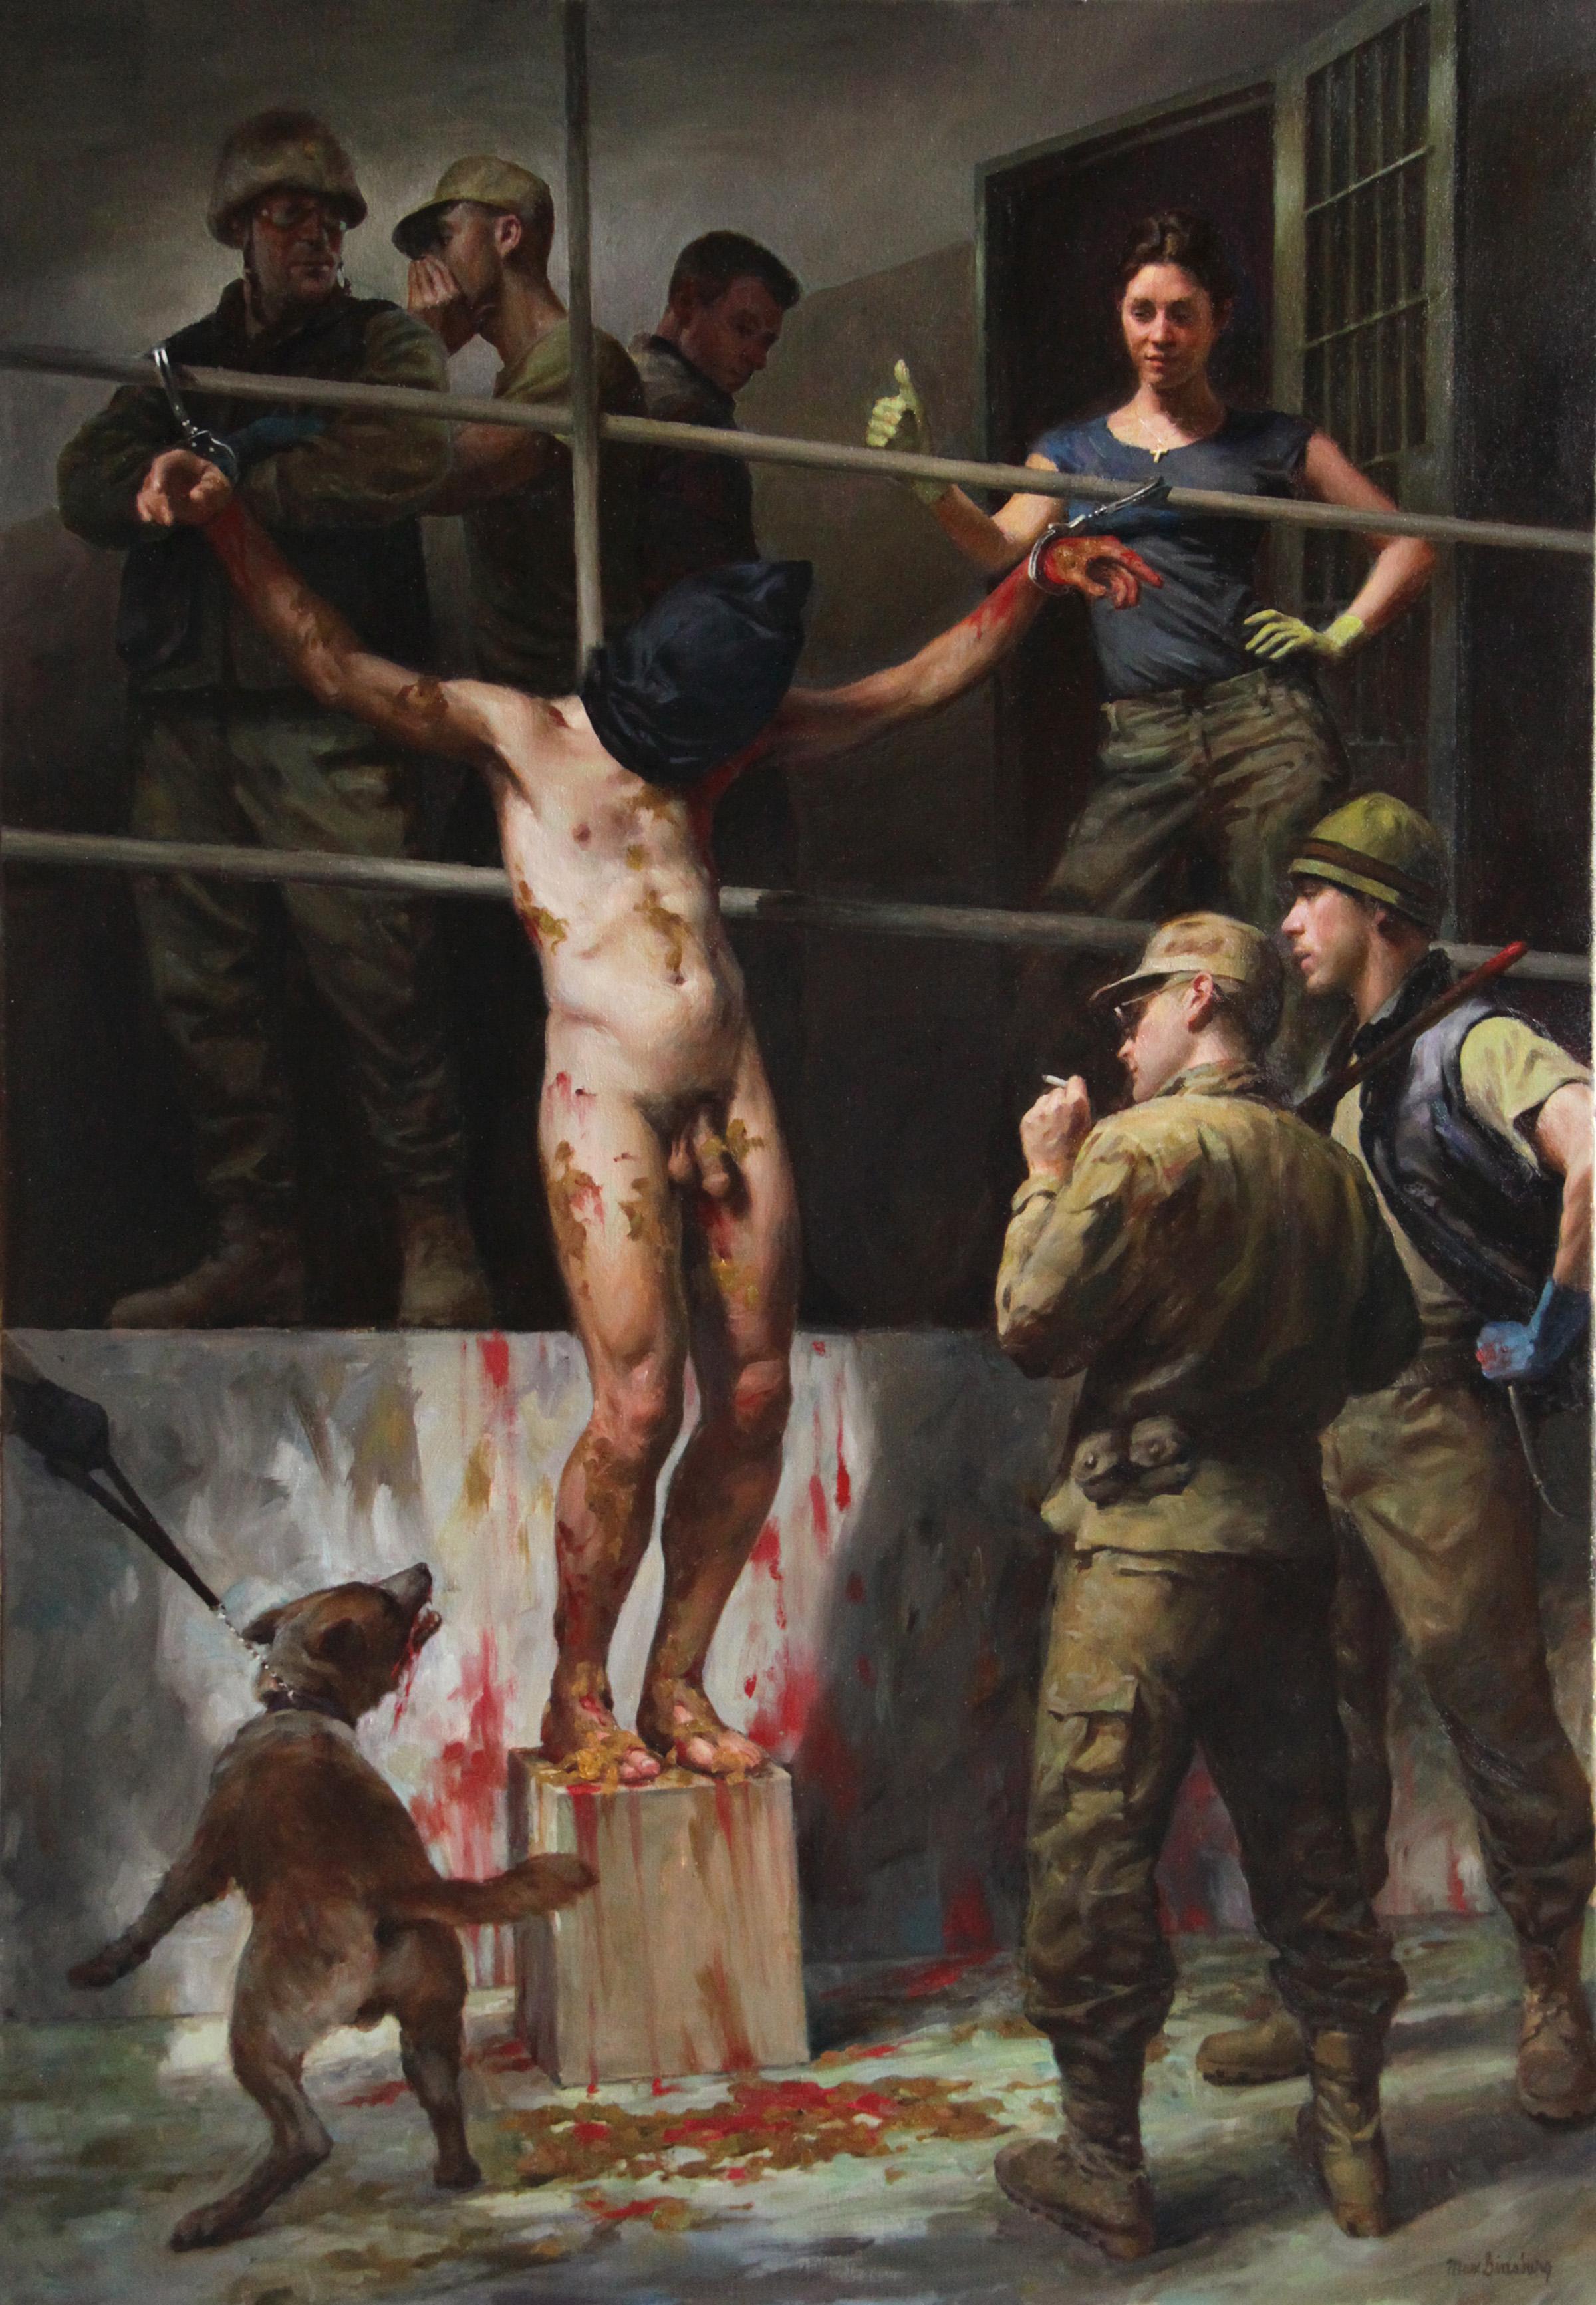 Связанные мужики и пытки над ними 25 фотография